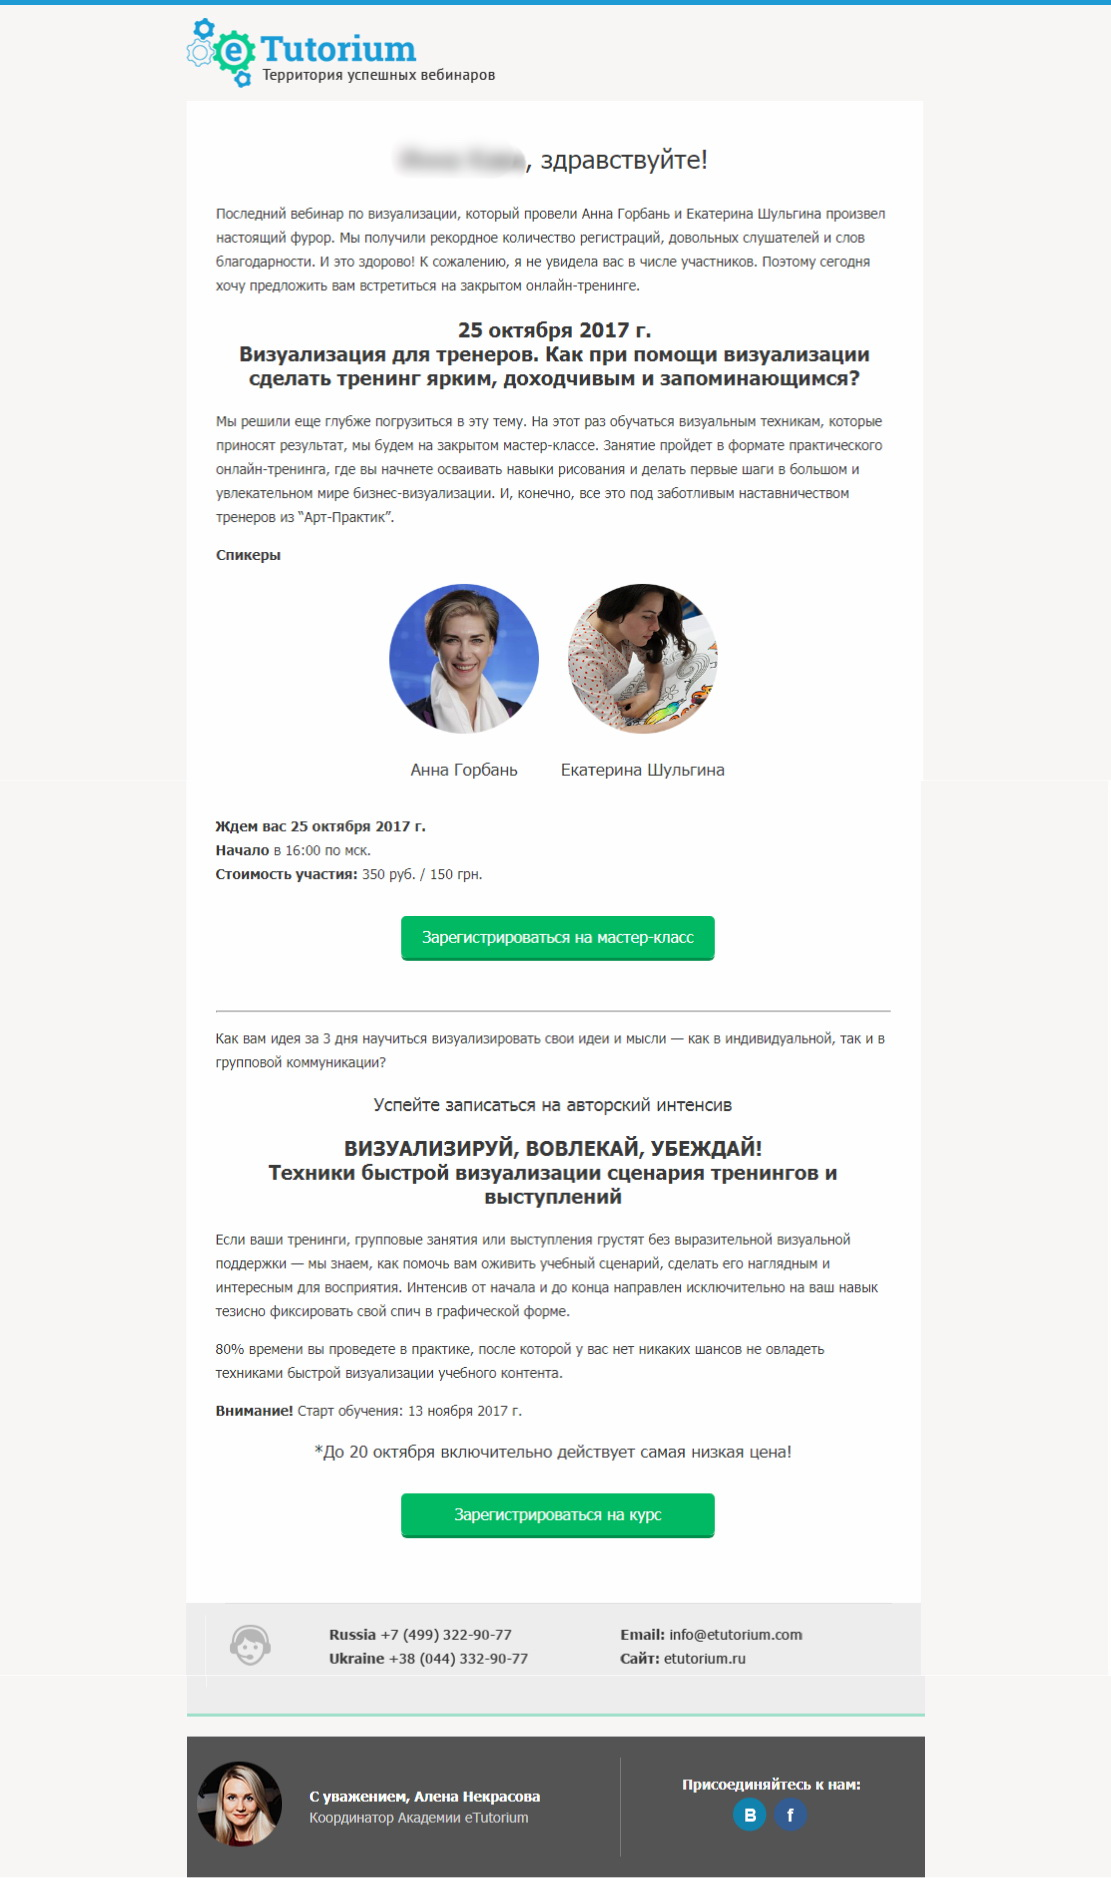 Серия писем для обучающей программы по визуализации тренингов от eTutorium: приглашение на закрытый мастер-класс